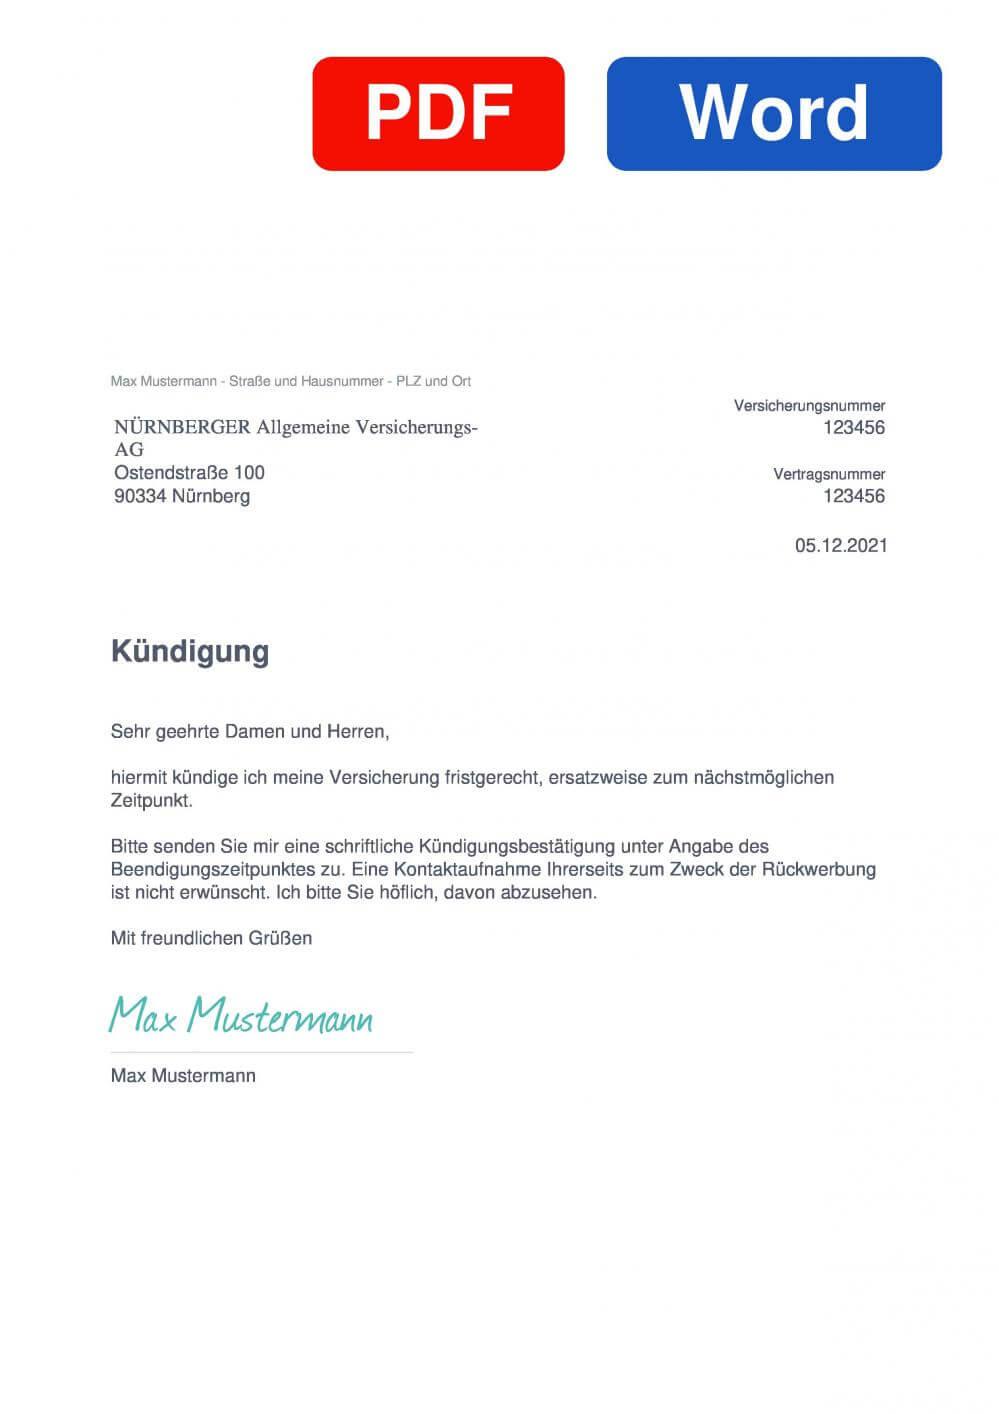 NÜRNBERGER Direktversicherung Muster Vorlage für Kündigungsschreiben